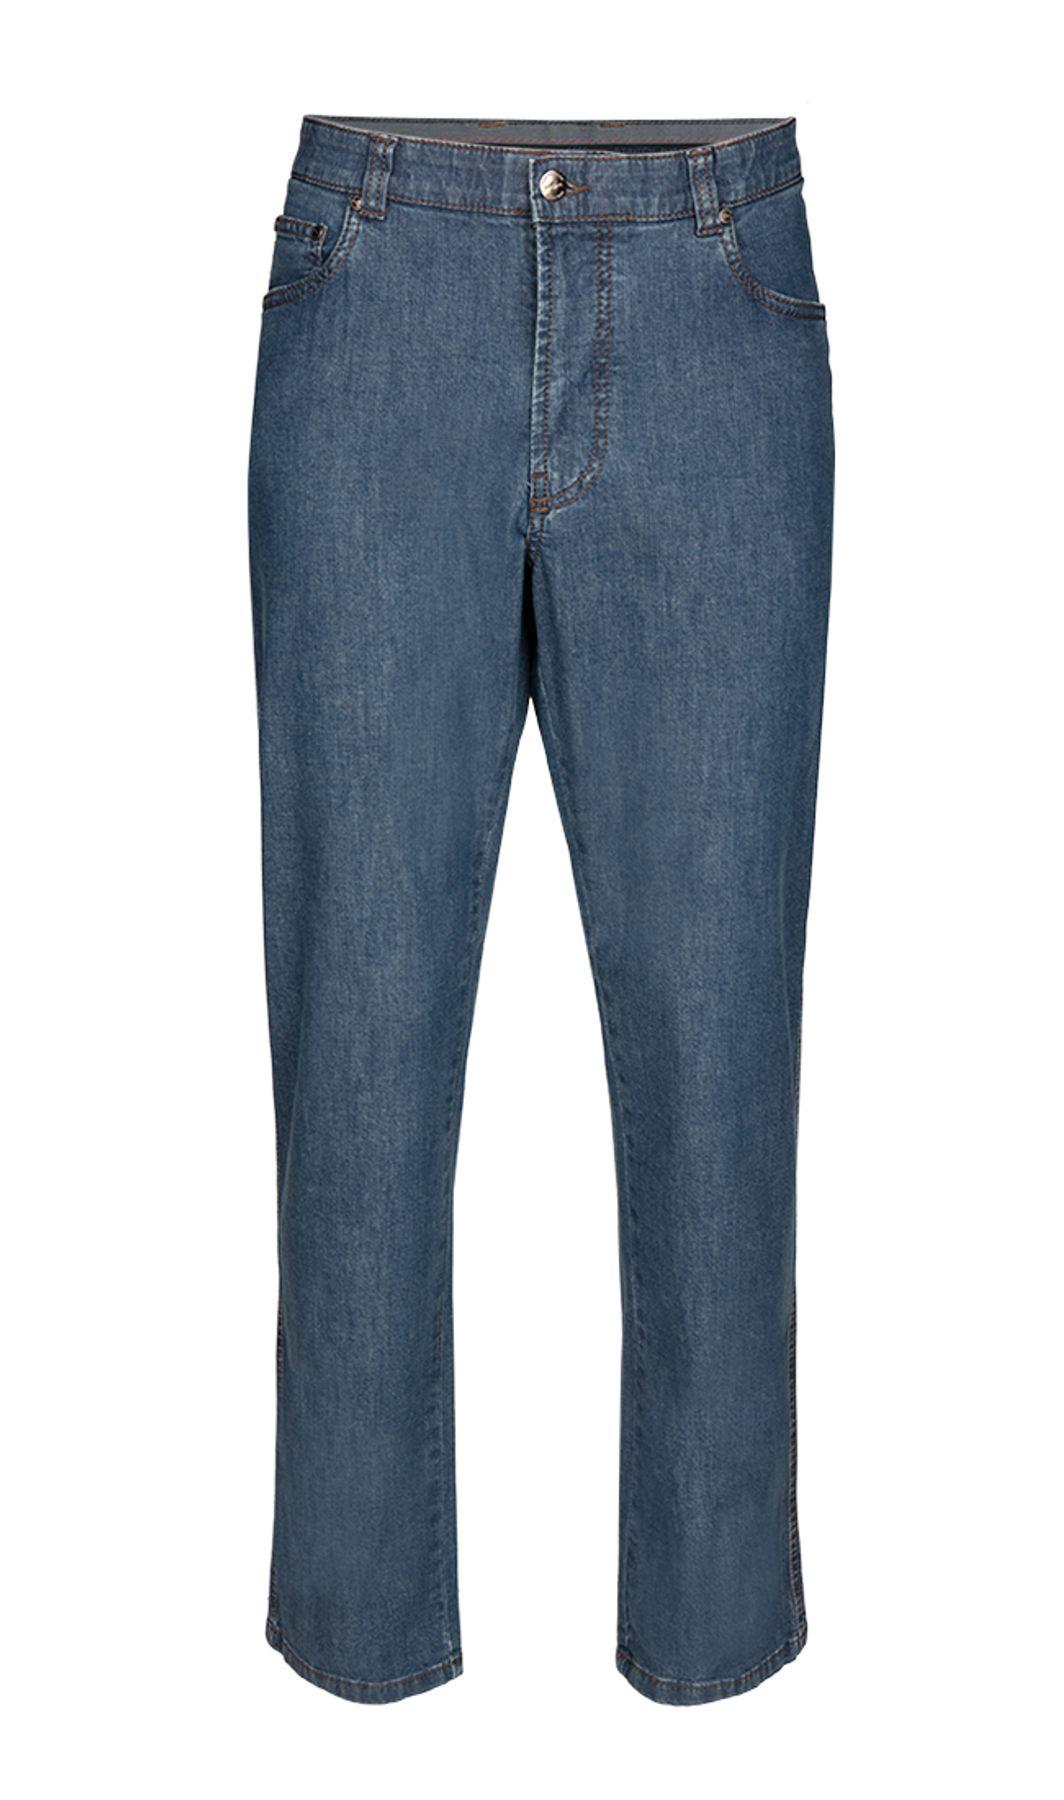 Brühl - Comfort Fit - Herren 5-Pocket Jeans, Genua (0011003163100) – Bild 1